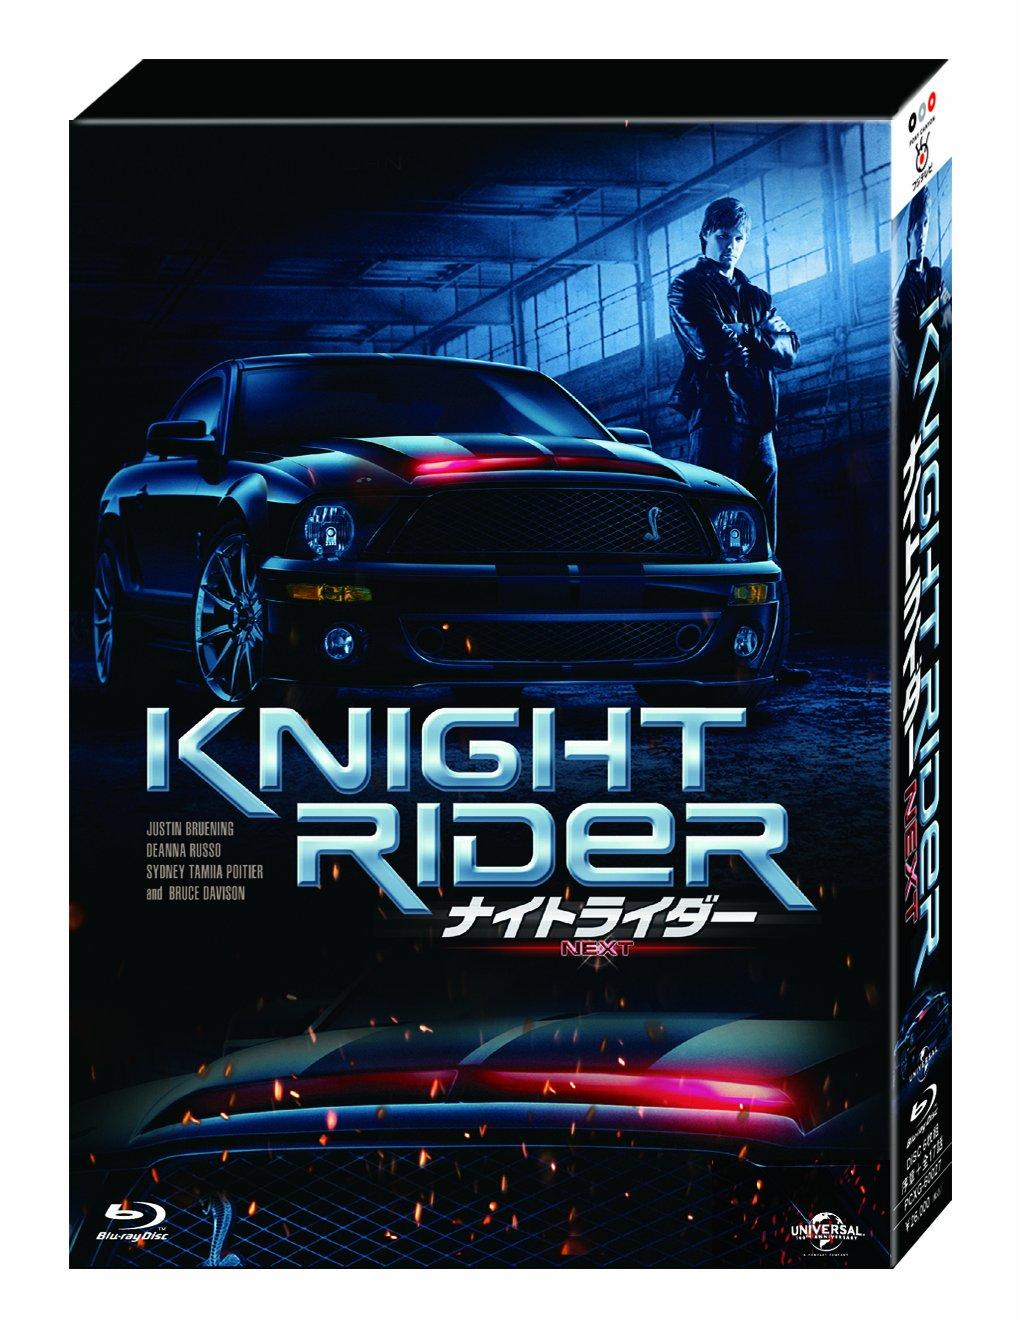 ナイトライダー ネクスト 【ノーカット完全版】 Blu-ray BOX B007HTI0TU